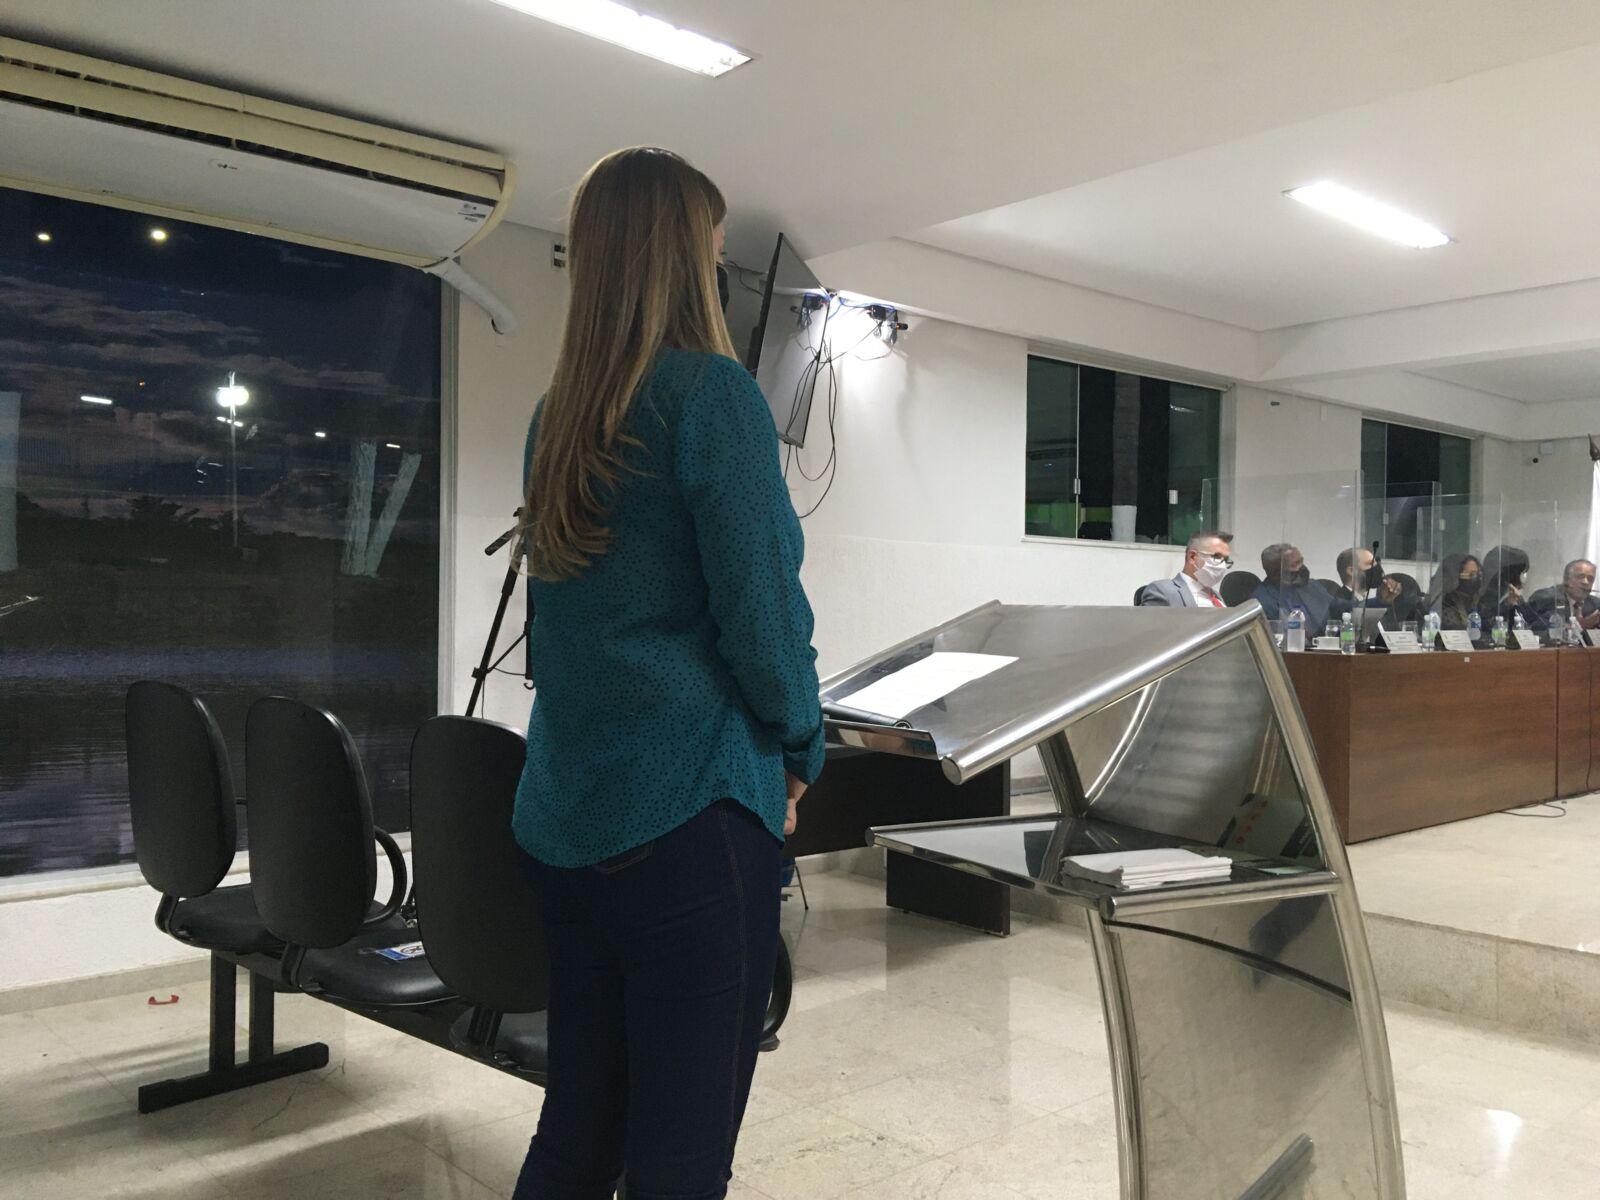 Esposa do vice-prefeito pede retirada de pauta do Projeto que beneficiaria o político com recebimento integral de salário